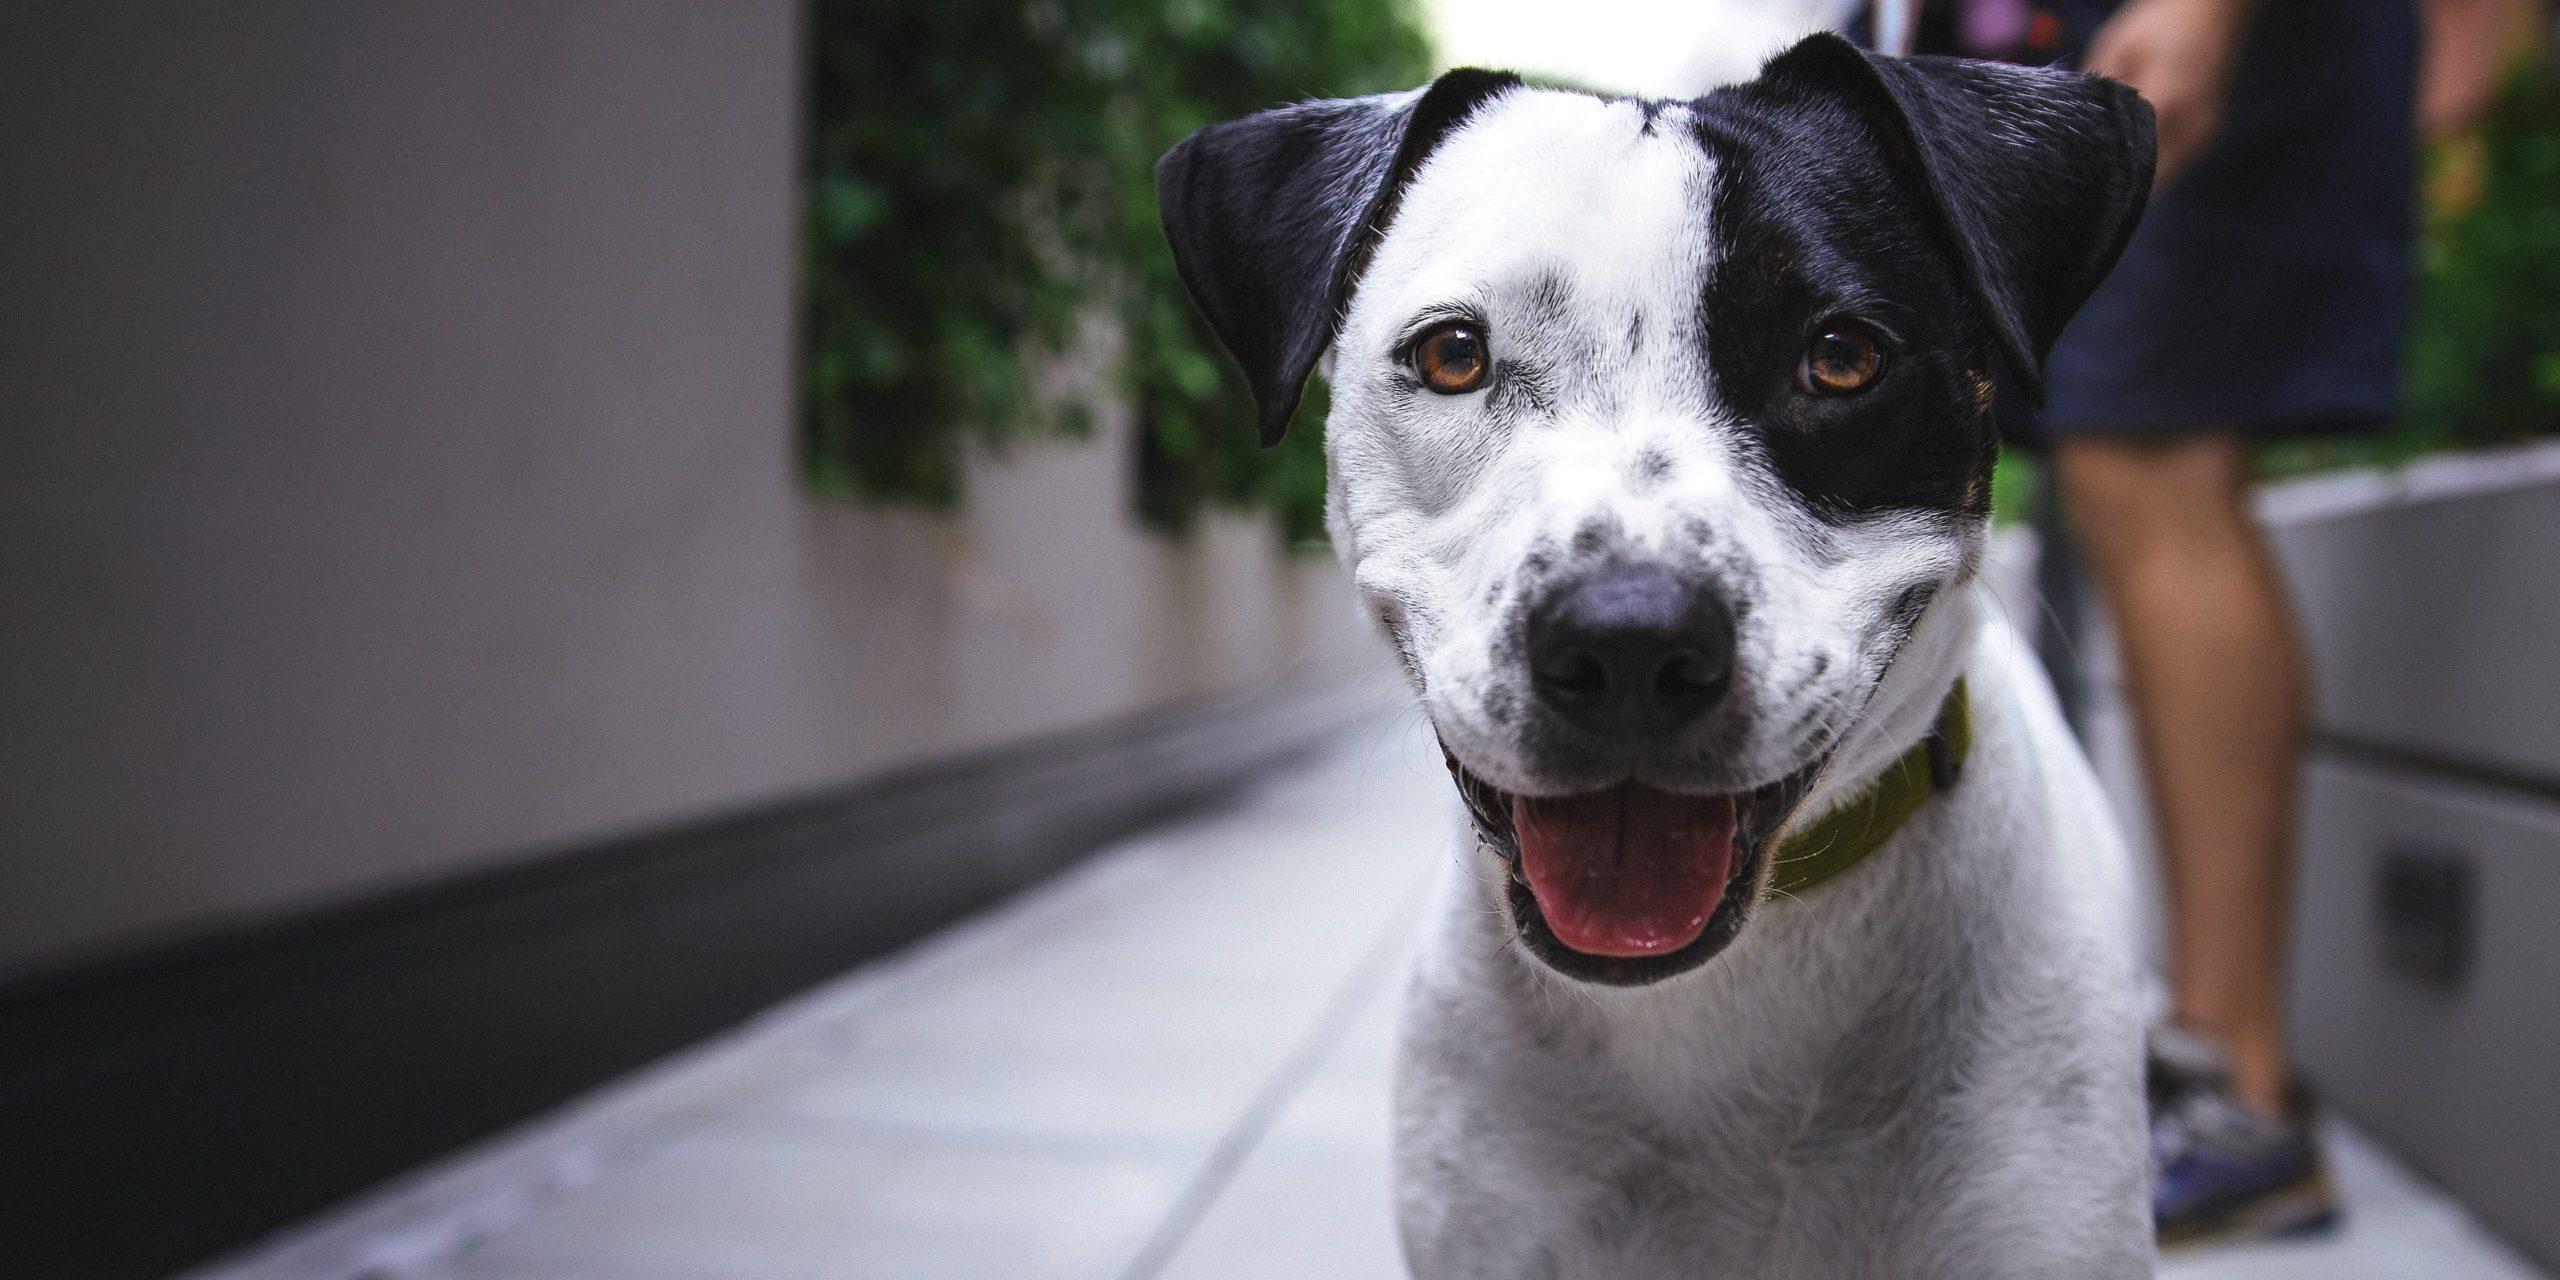 ИИ научился тренировать собак вместо человека